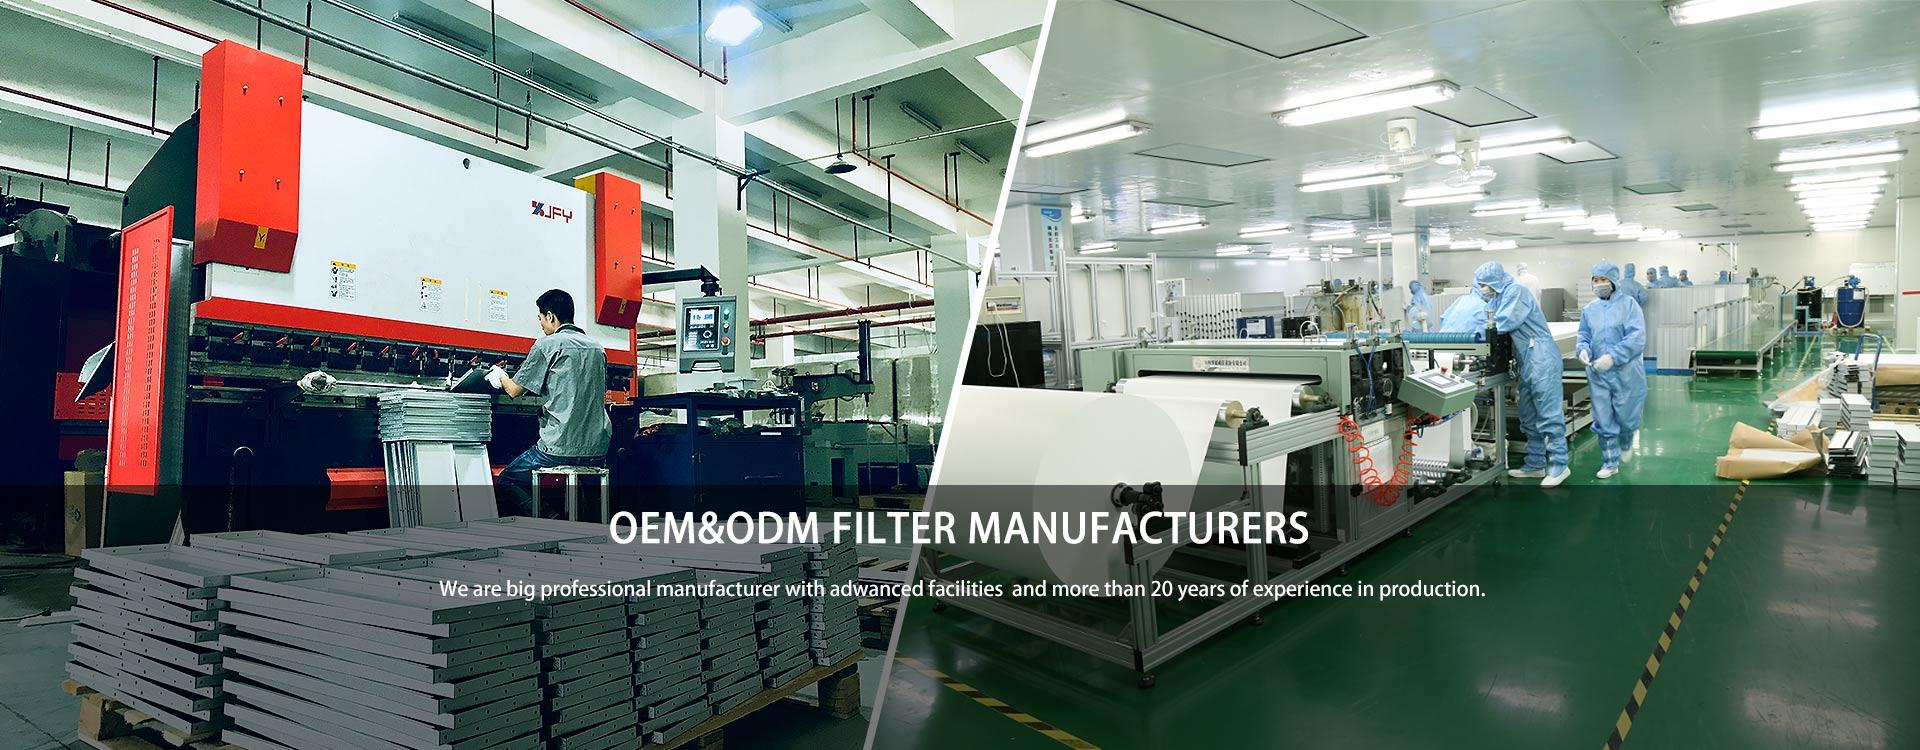 OEM&ODM filter manufacturers